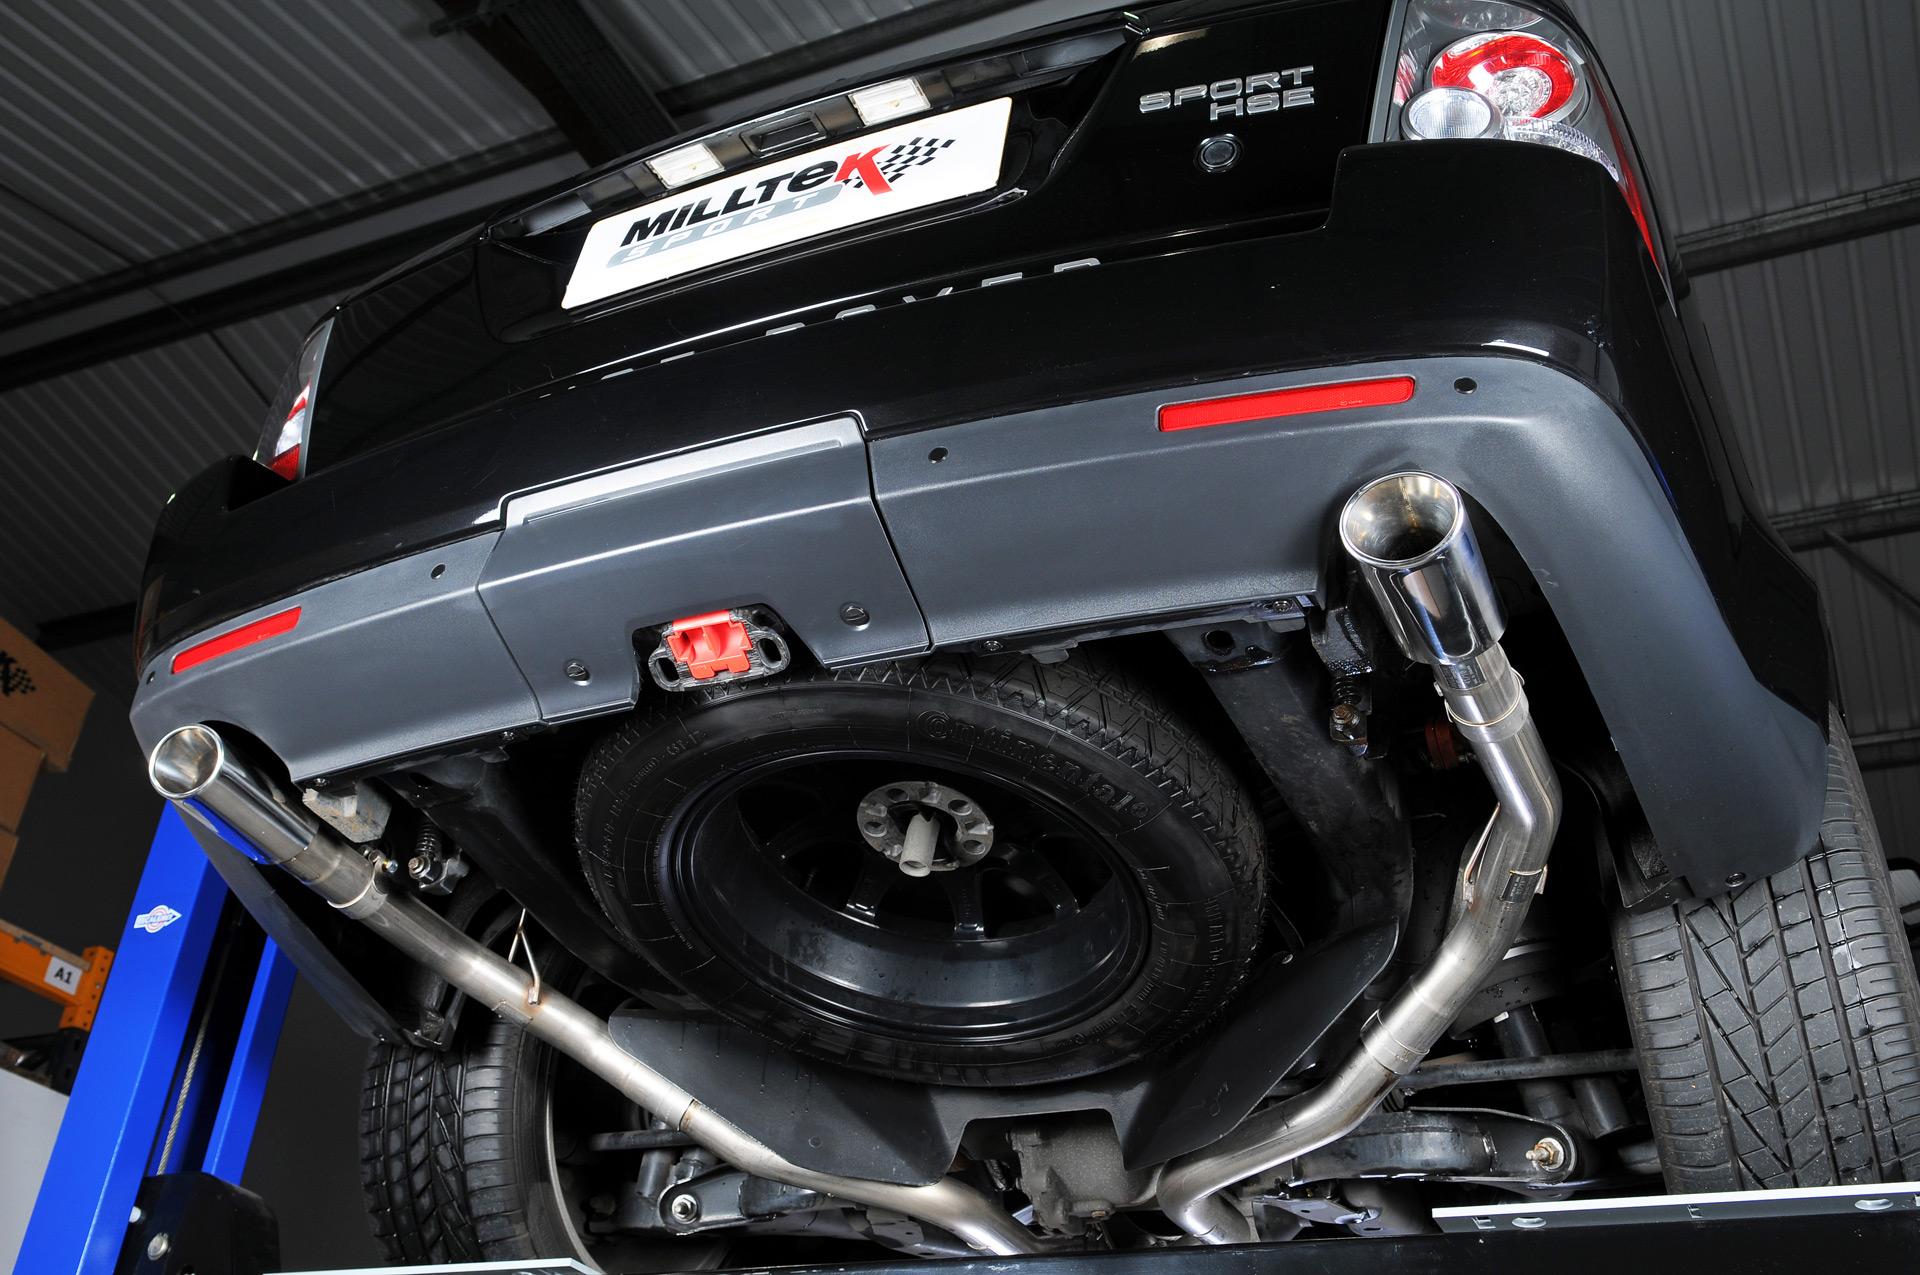 Milltek Land Rover Range Rover Sport 3 0 Tdv6 Cat Back